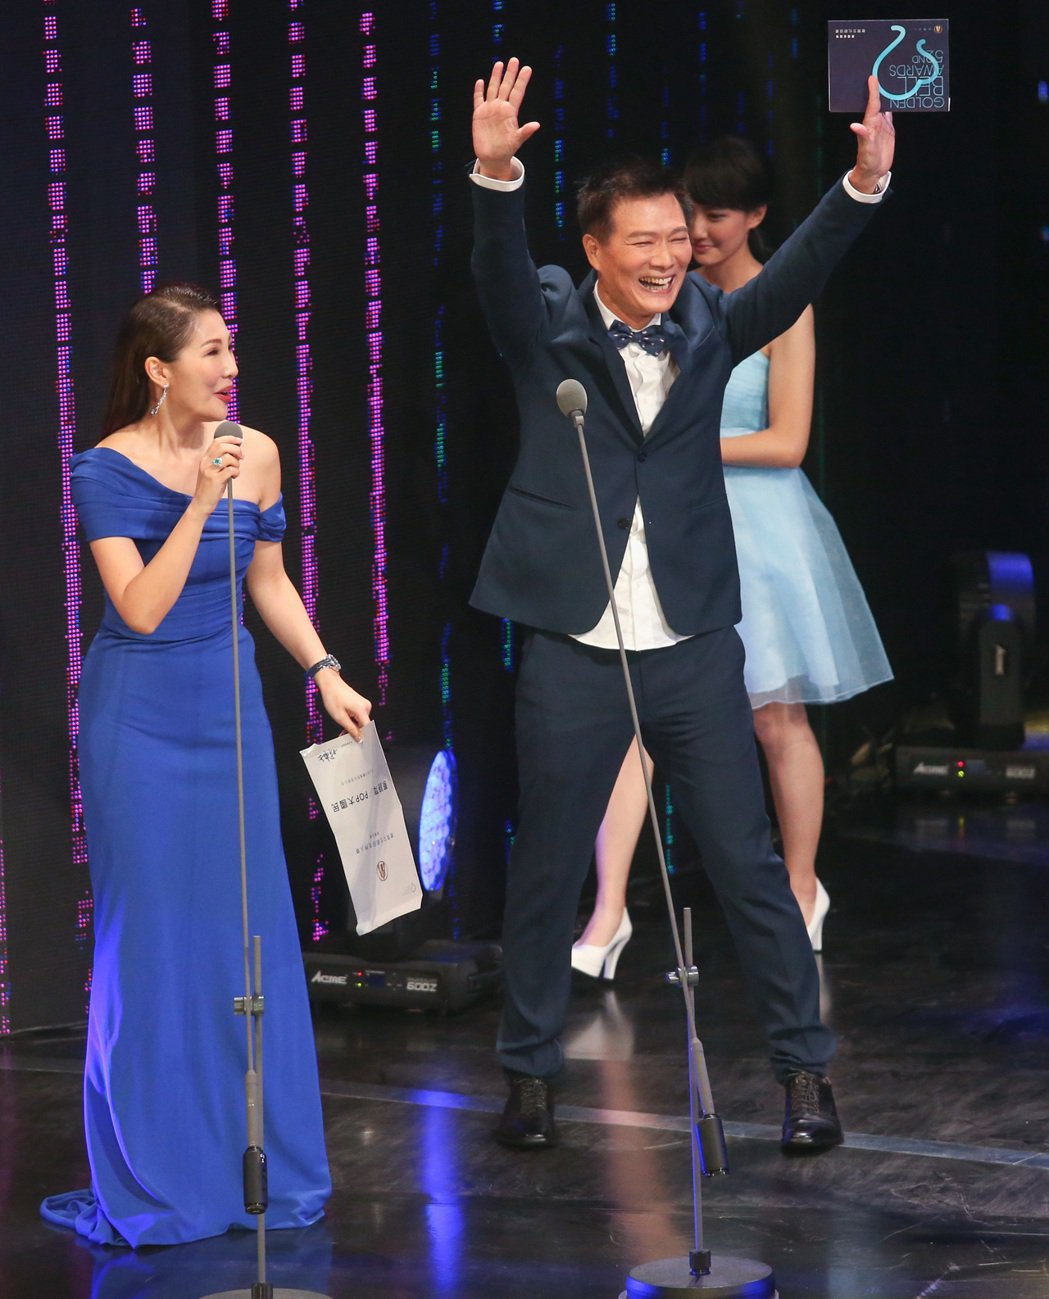 蔡詩萍(右)拿下教育文化節目主持人獎,自己頒獎給自己。記者鄭清元/攝影